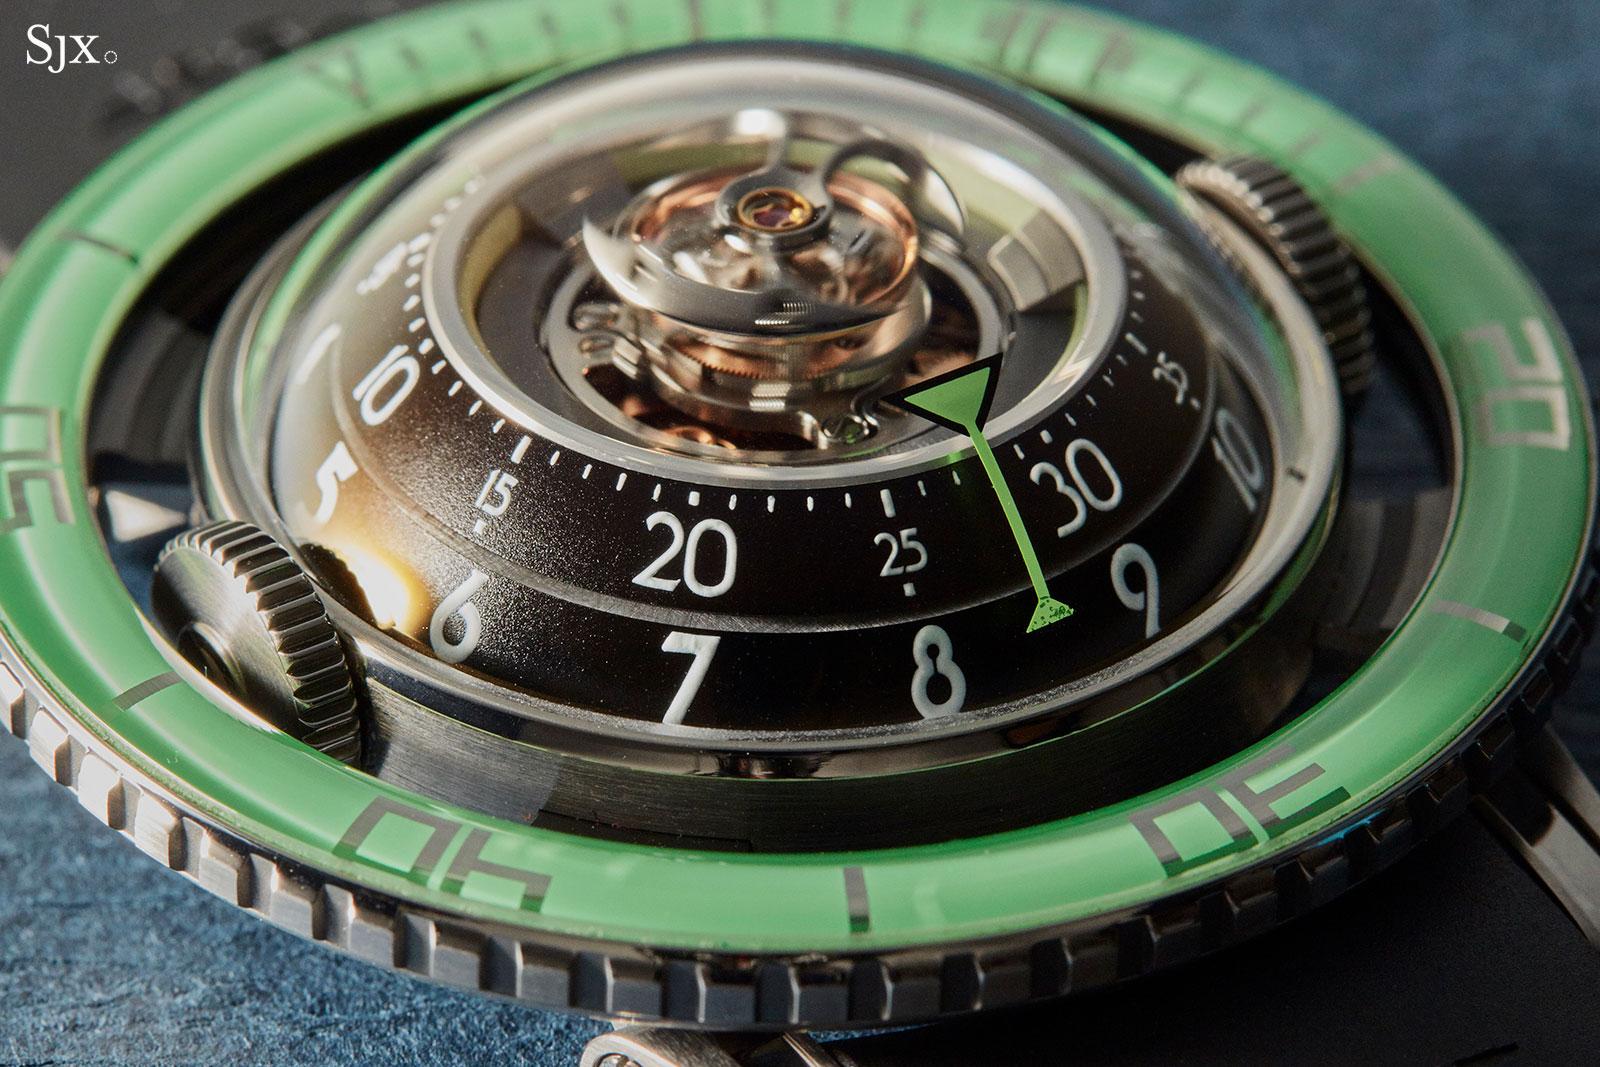 MBF HM7 Aquapod Titanium Green 7